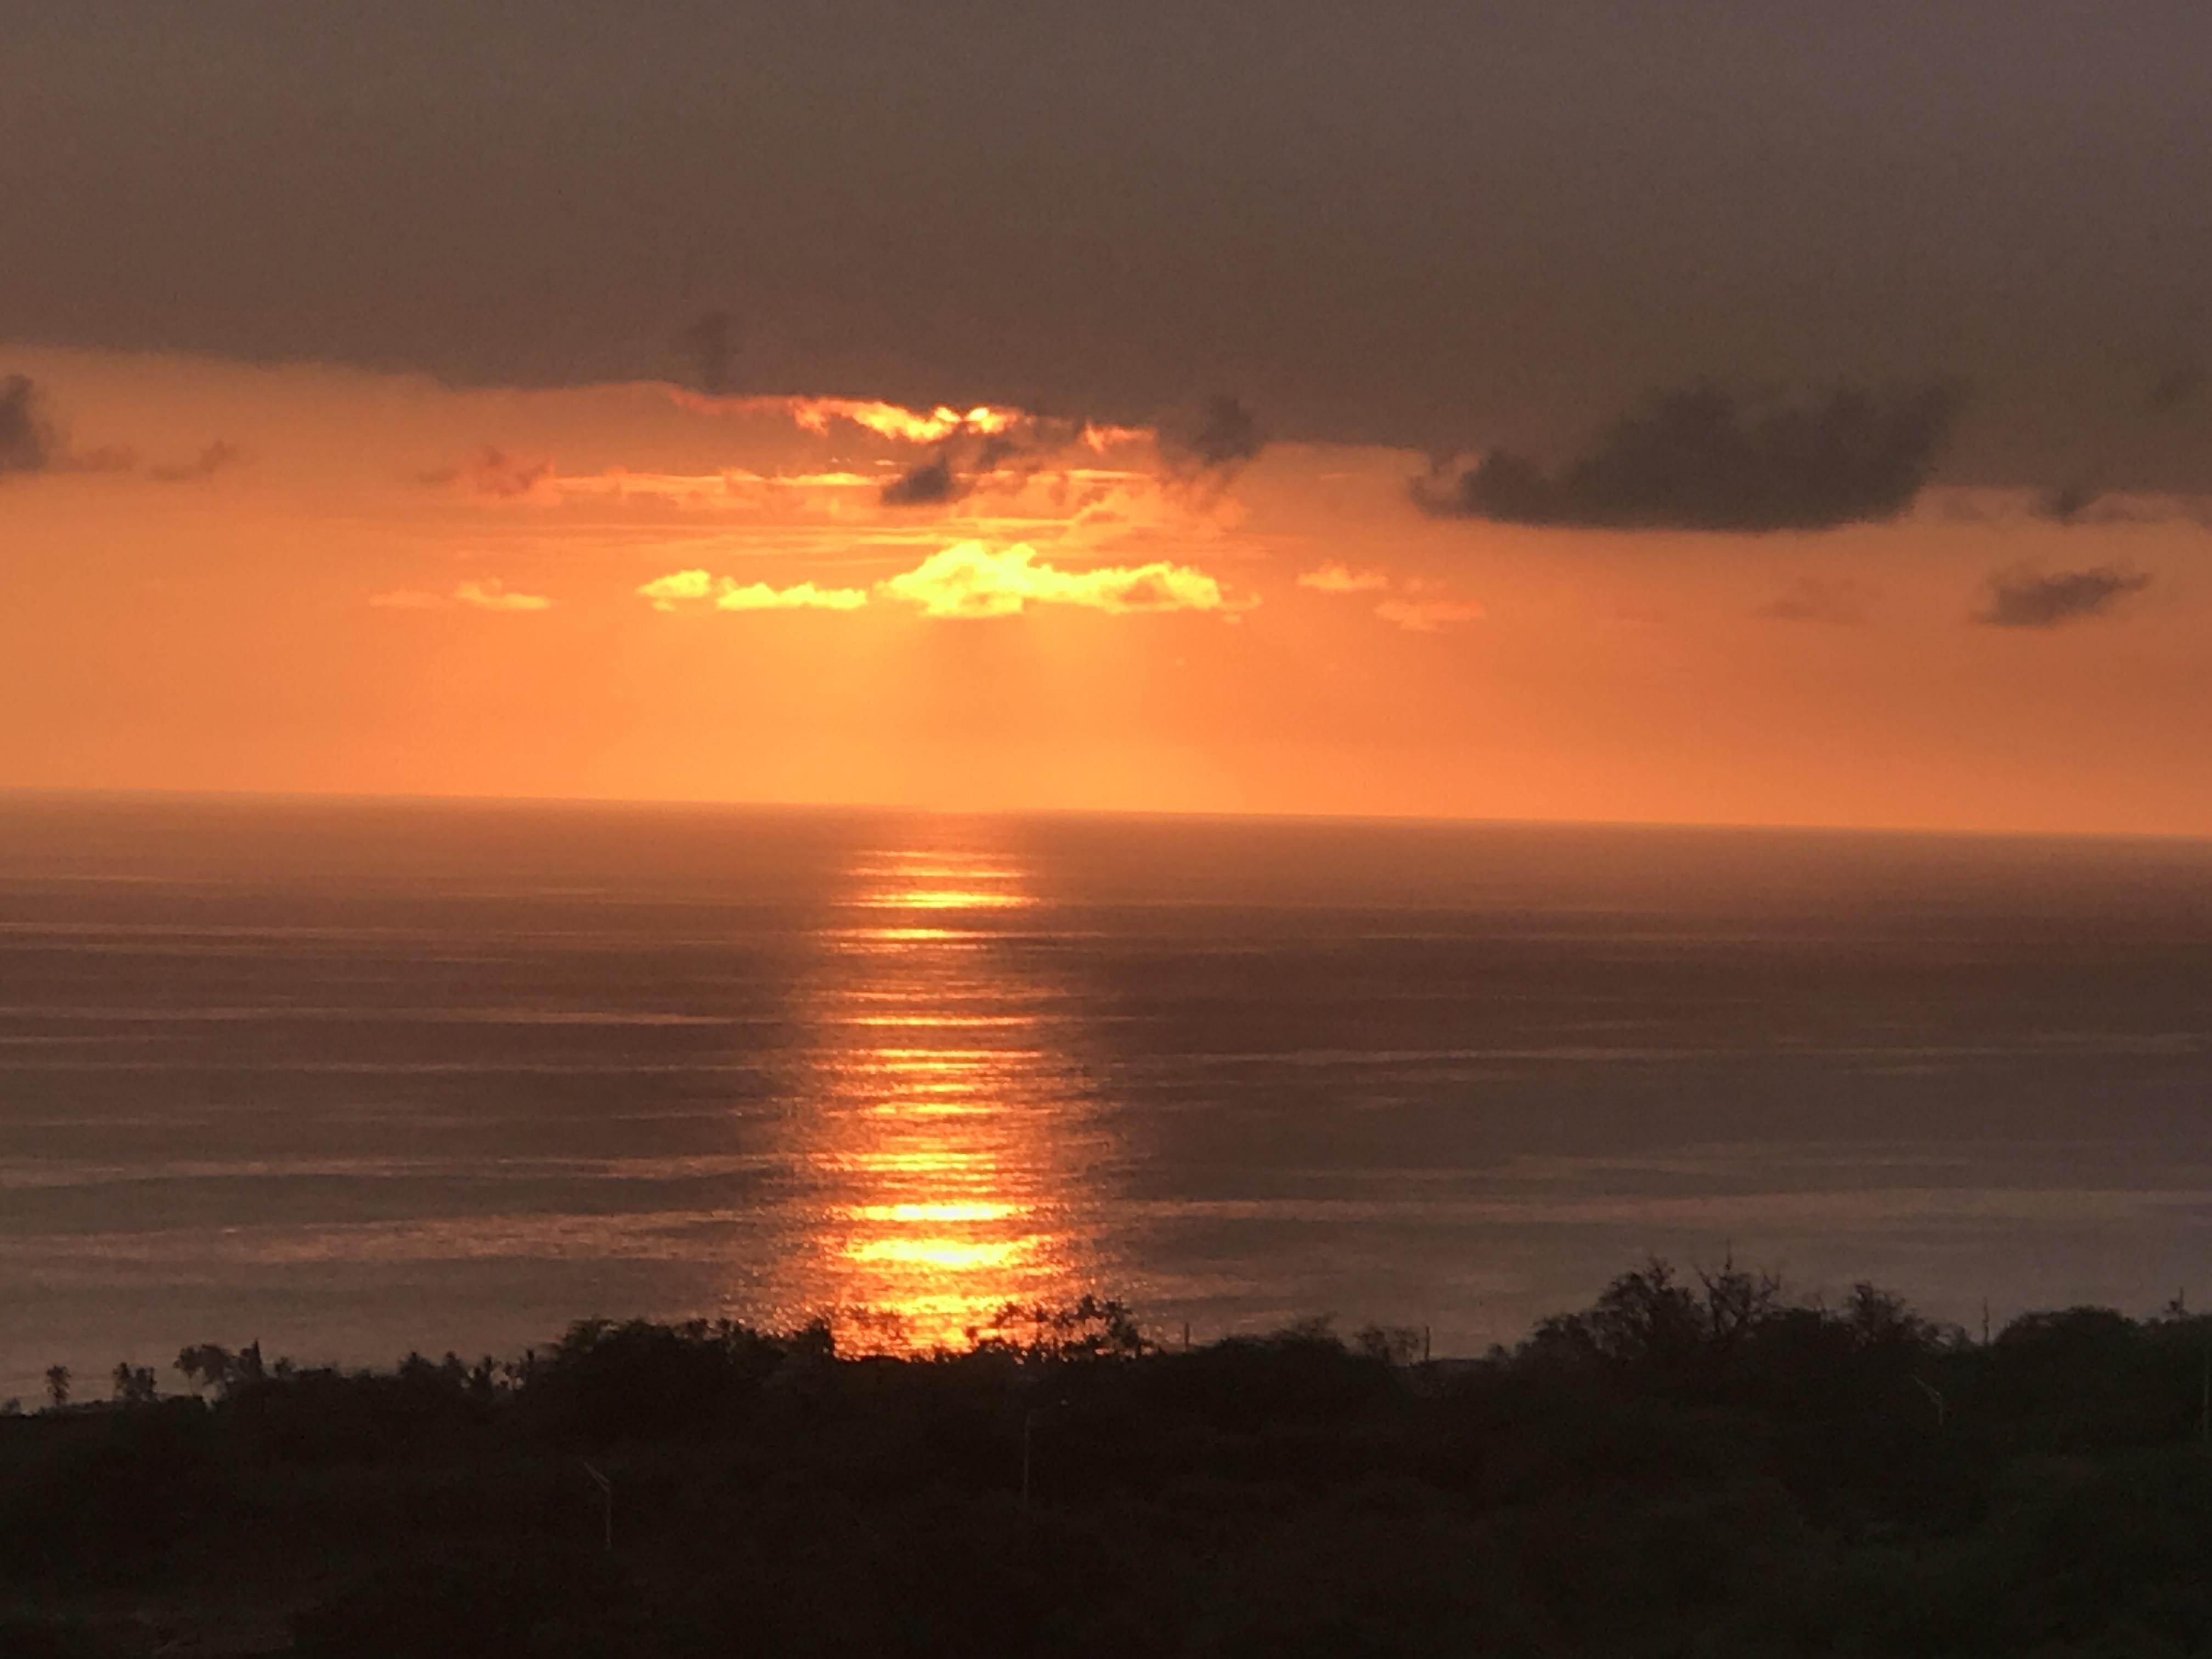 Kailua Kona, HI Sunsets 365 days a year